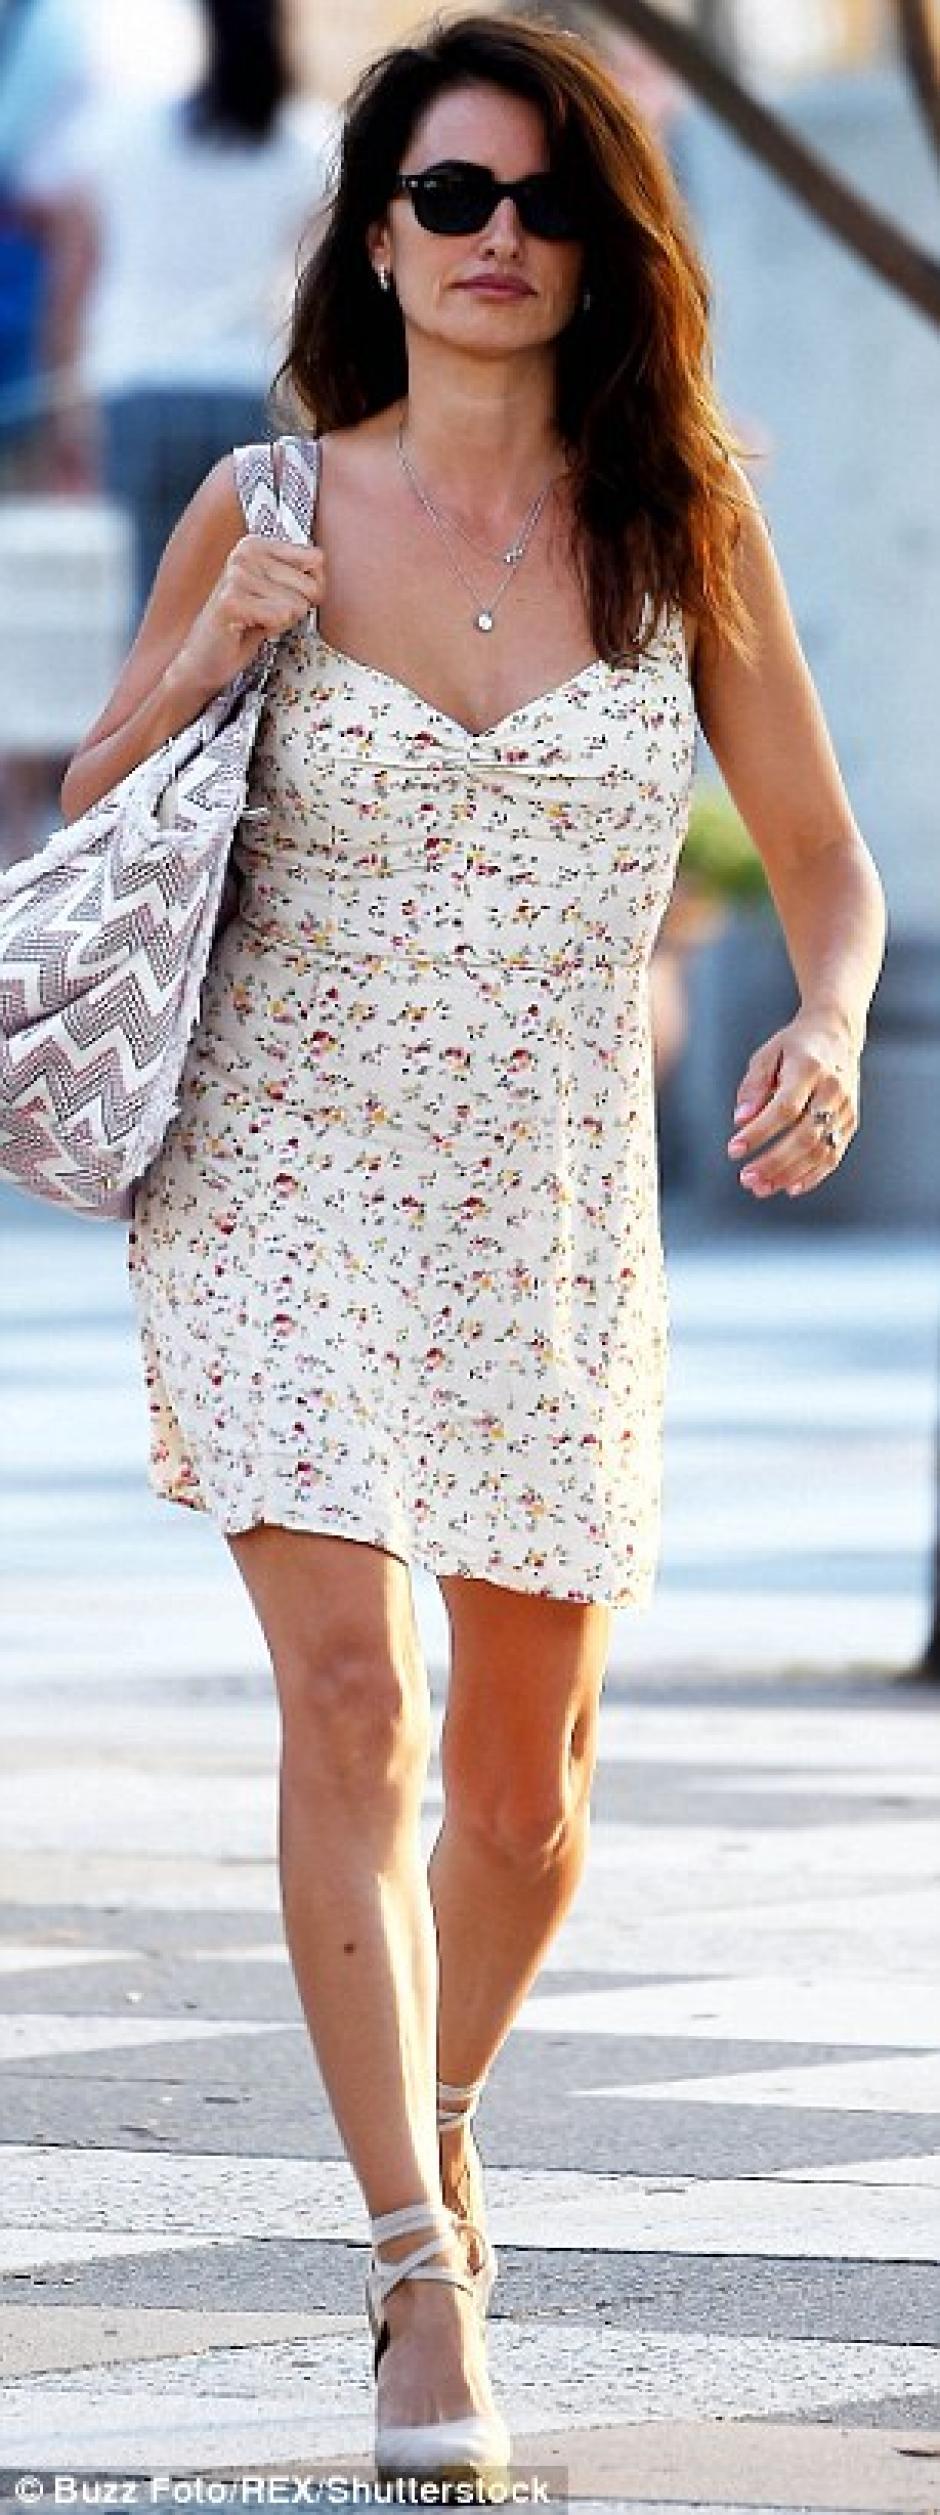 Los zapatos de tacón dejaron ver los pies de la actriz. (Foto: Daily Mail)